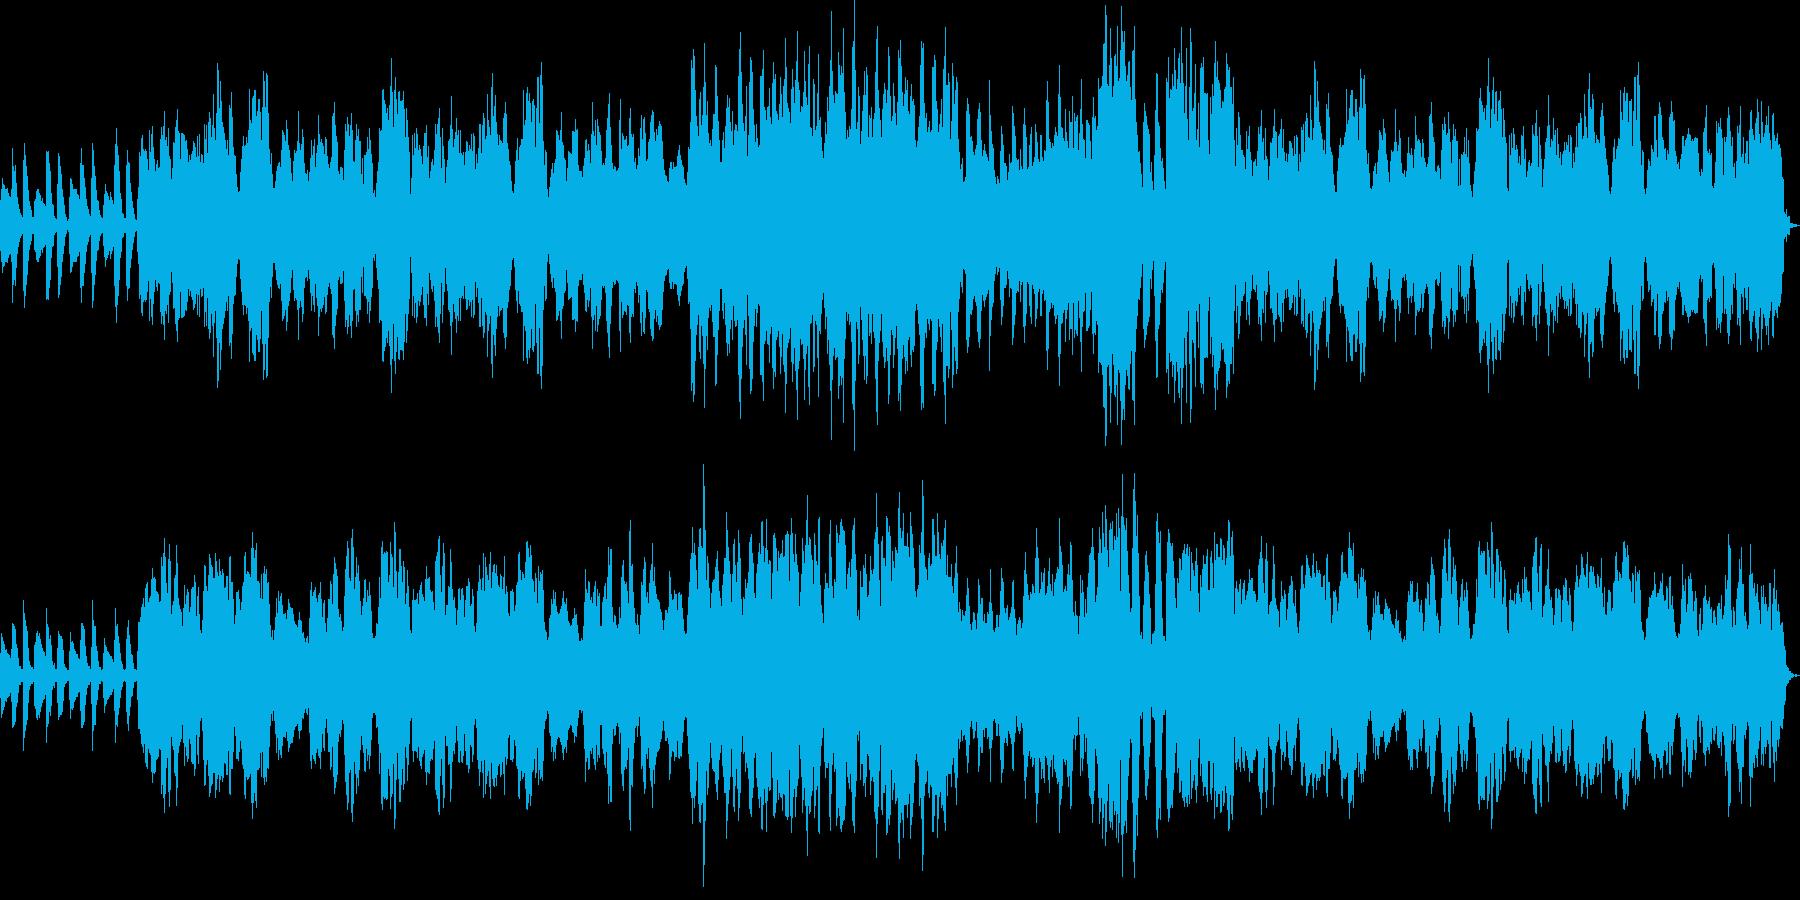 夢の中にいる様な雰囲気の劇伴用BGMの再生済みの波形